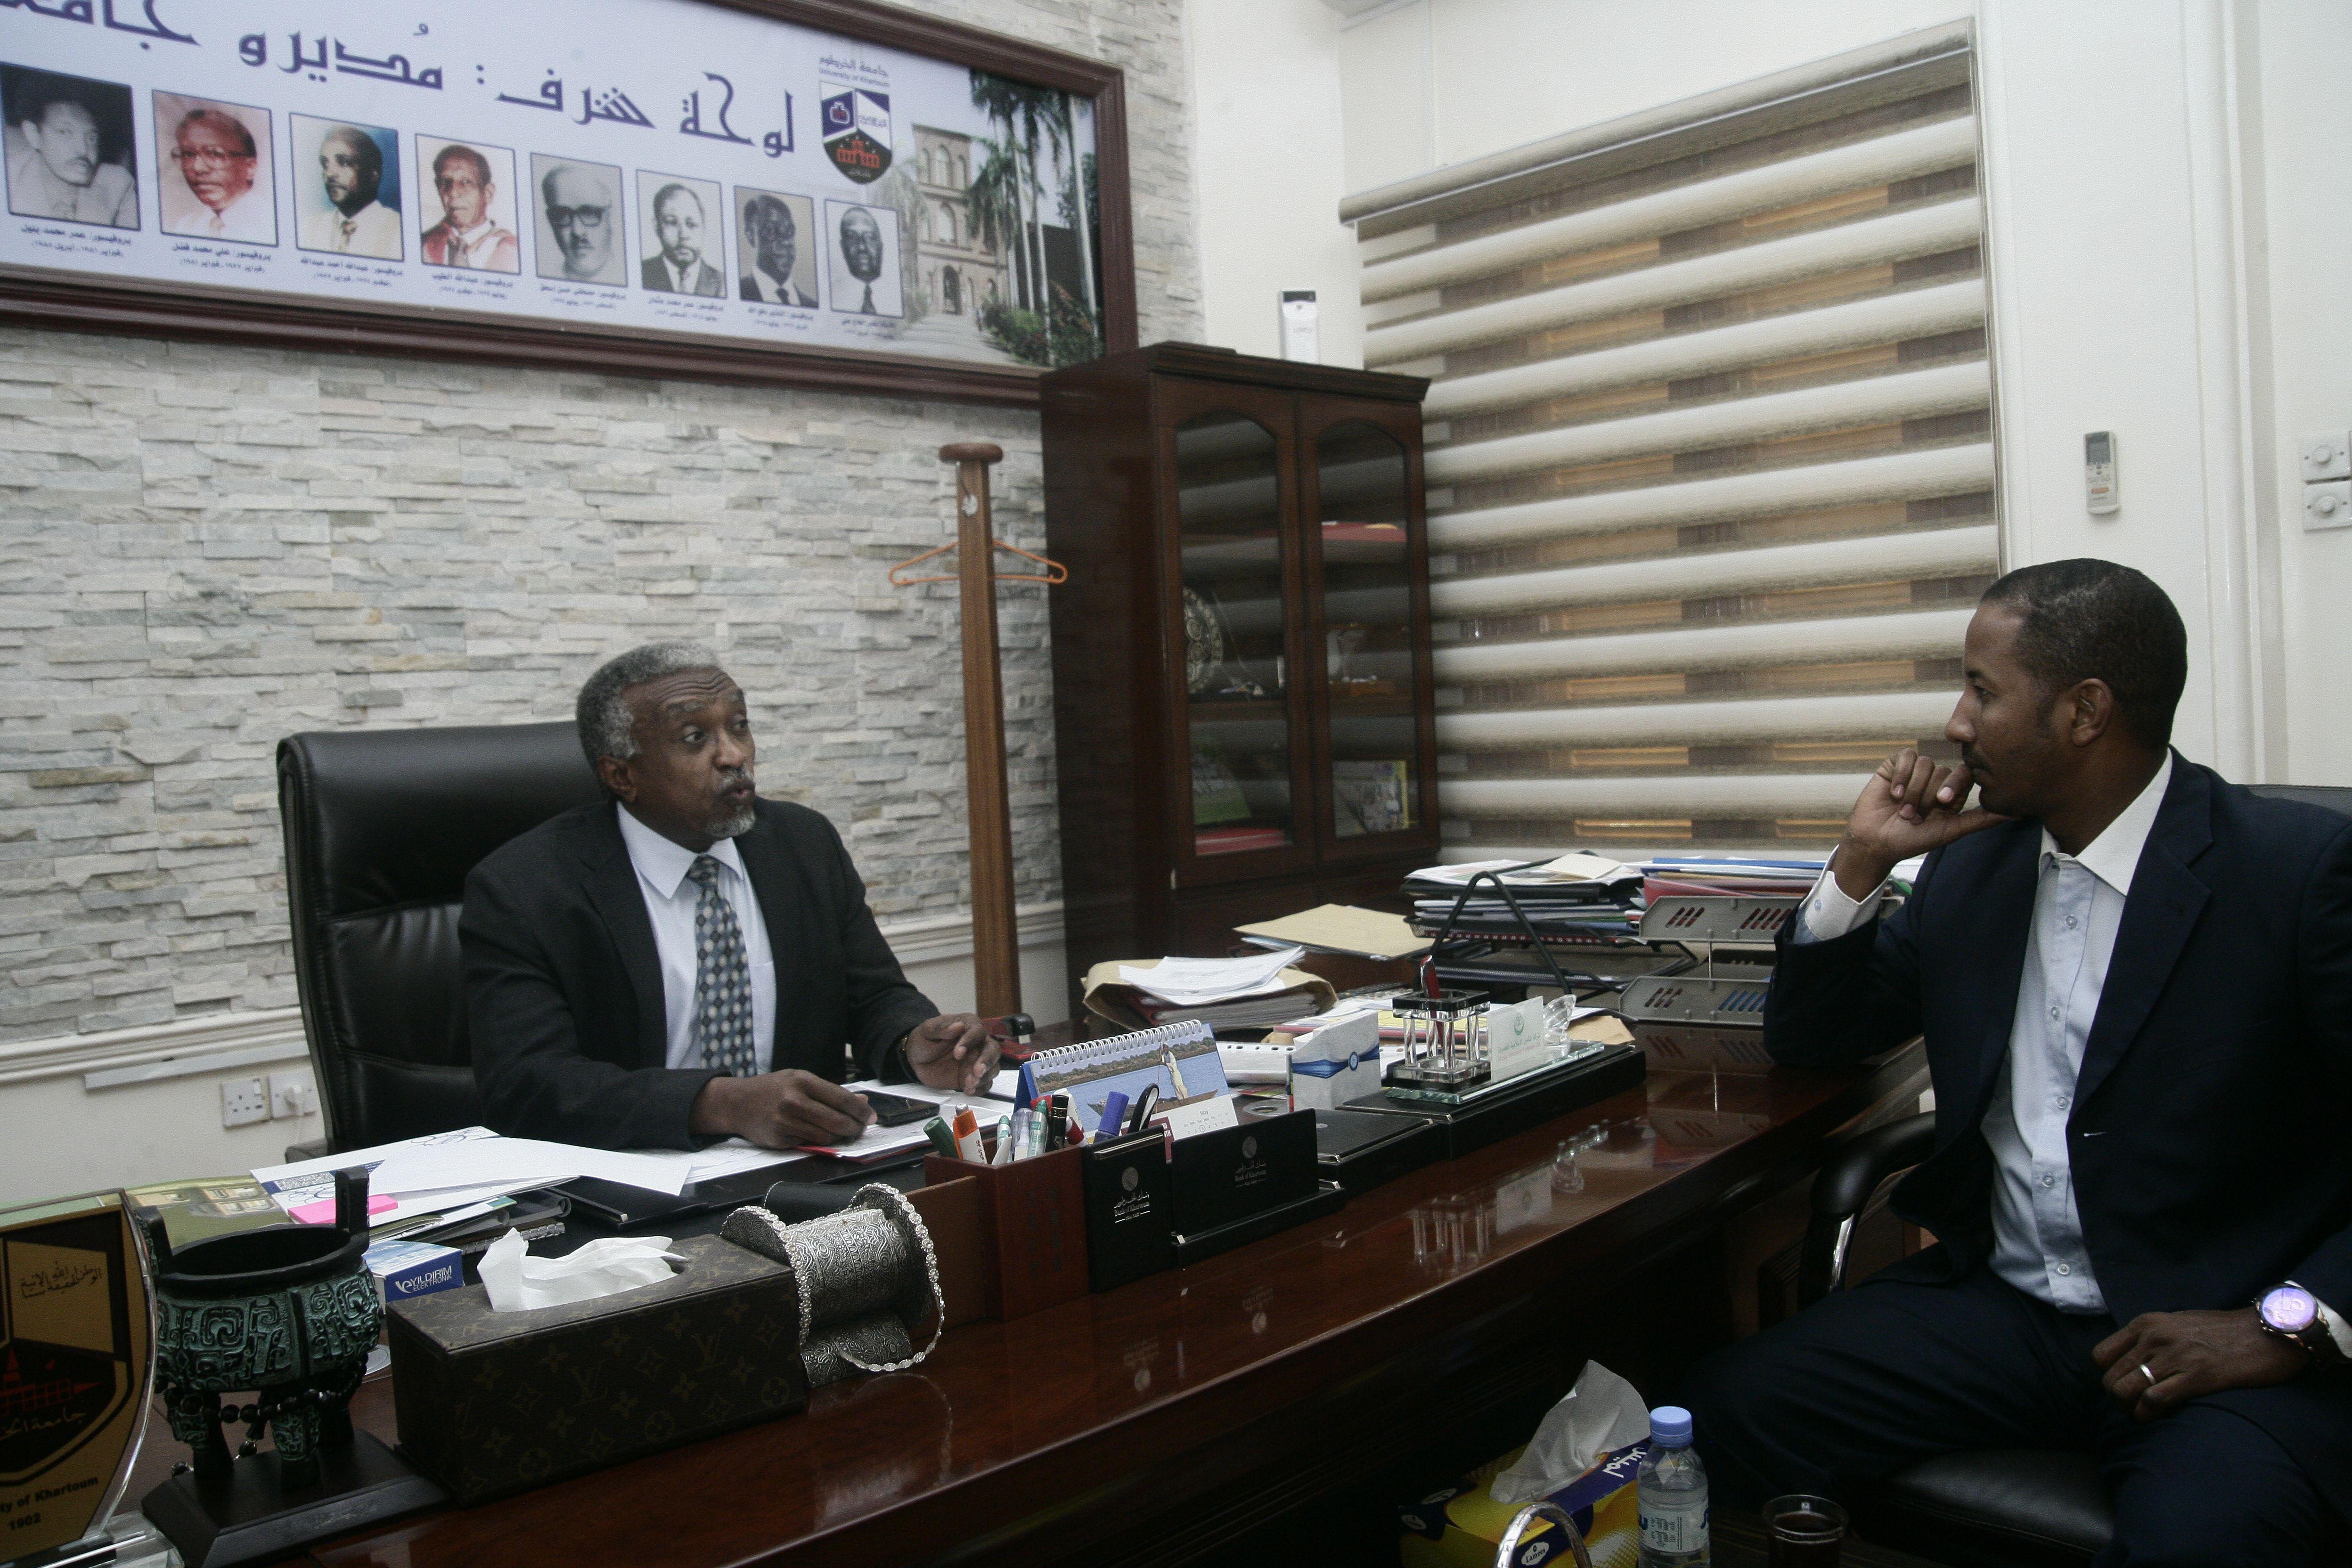 حوار مثير مع مدير جامعة الخرطوم